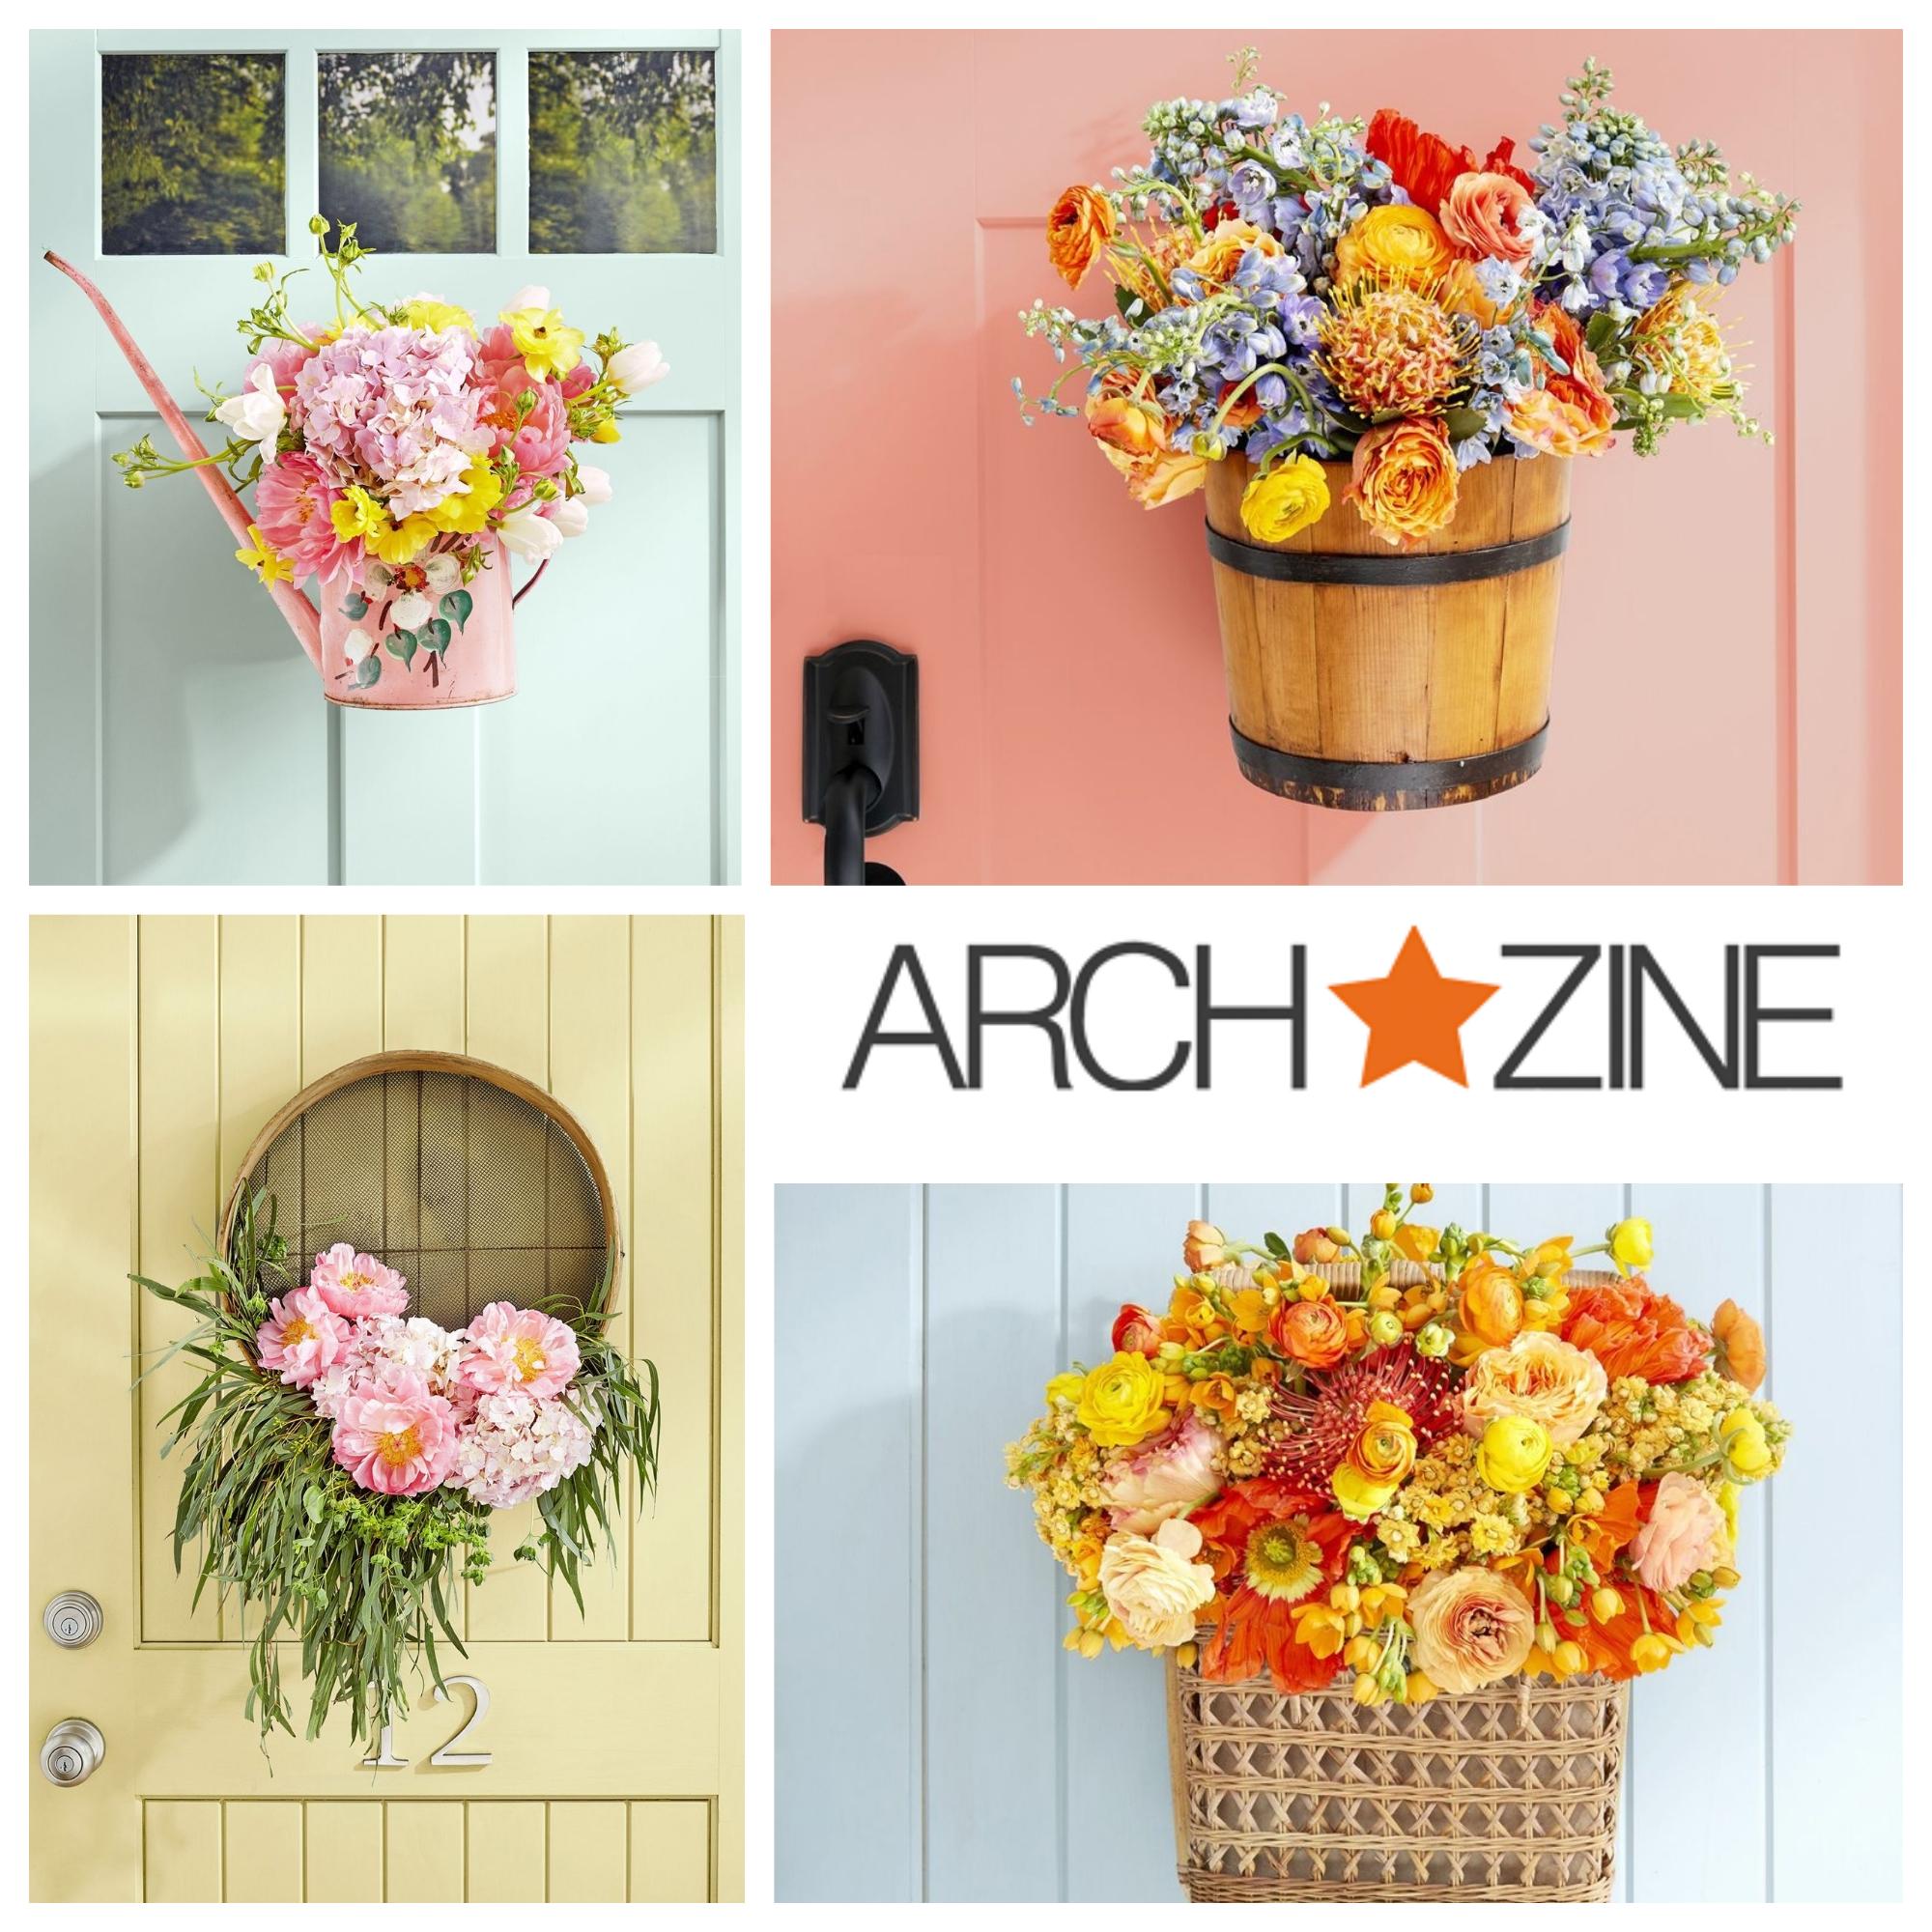 cuatro ideas de decoración DIY en la puerta de entrada, manualidades faciles de hacer